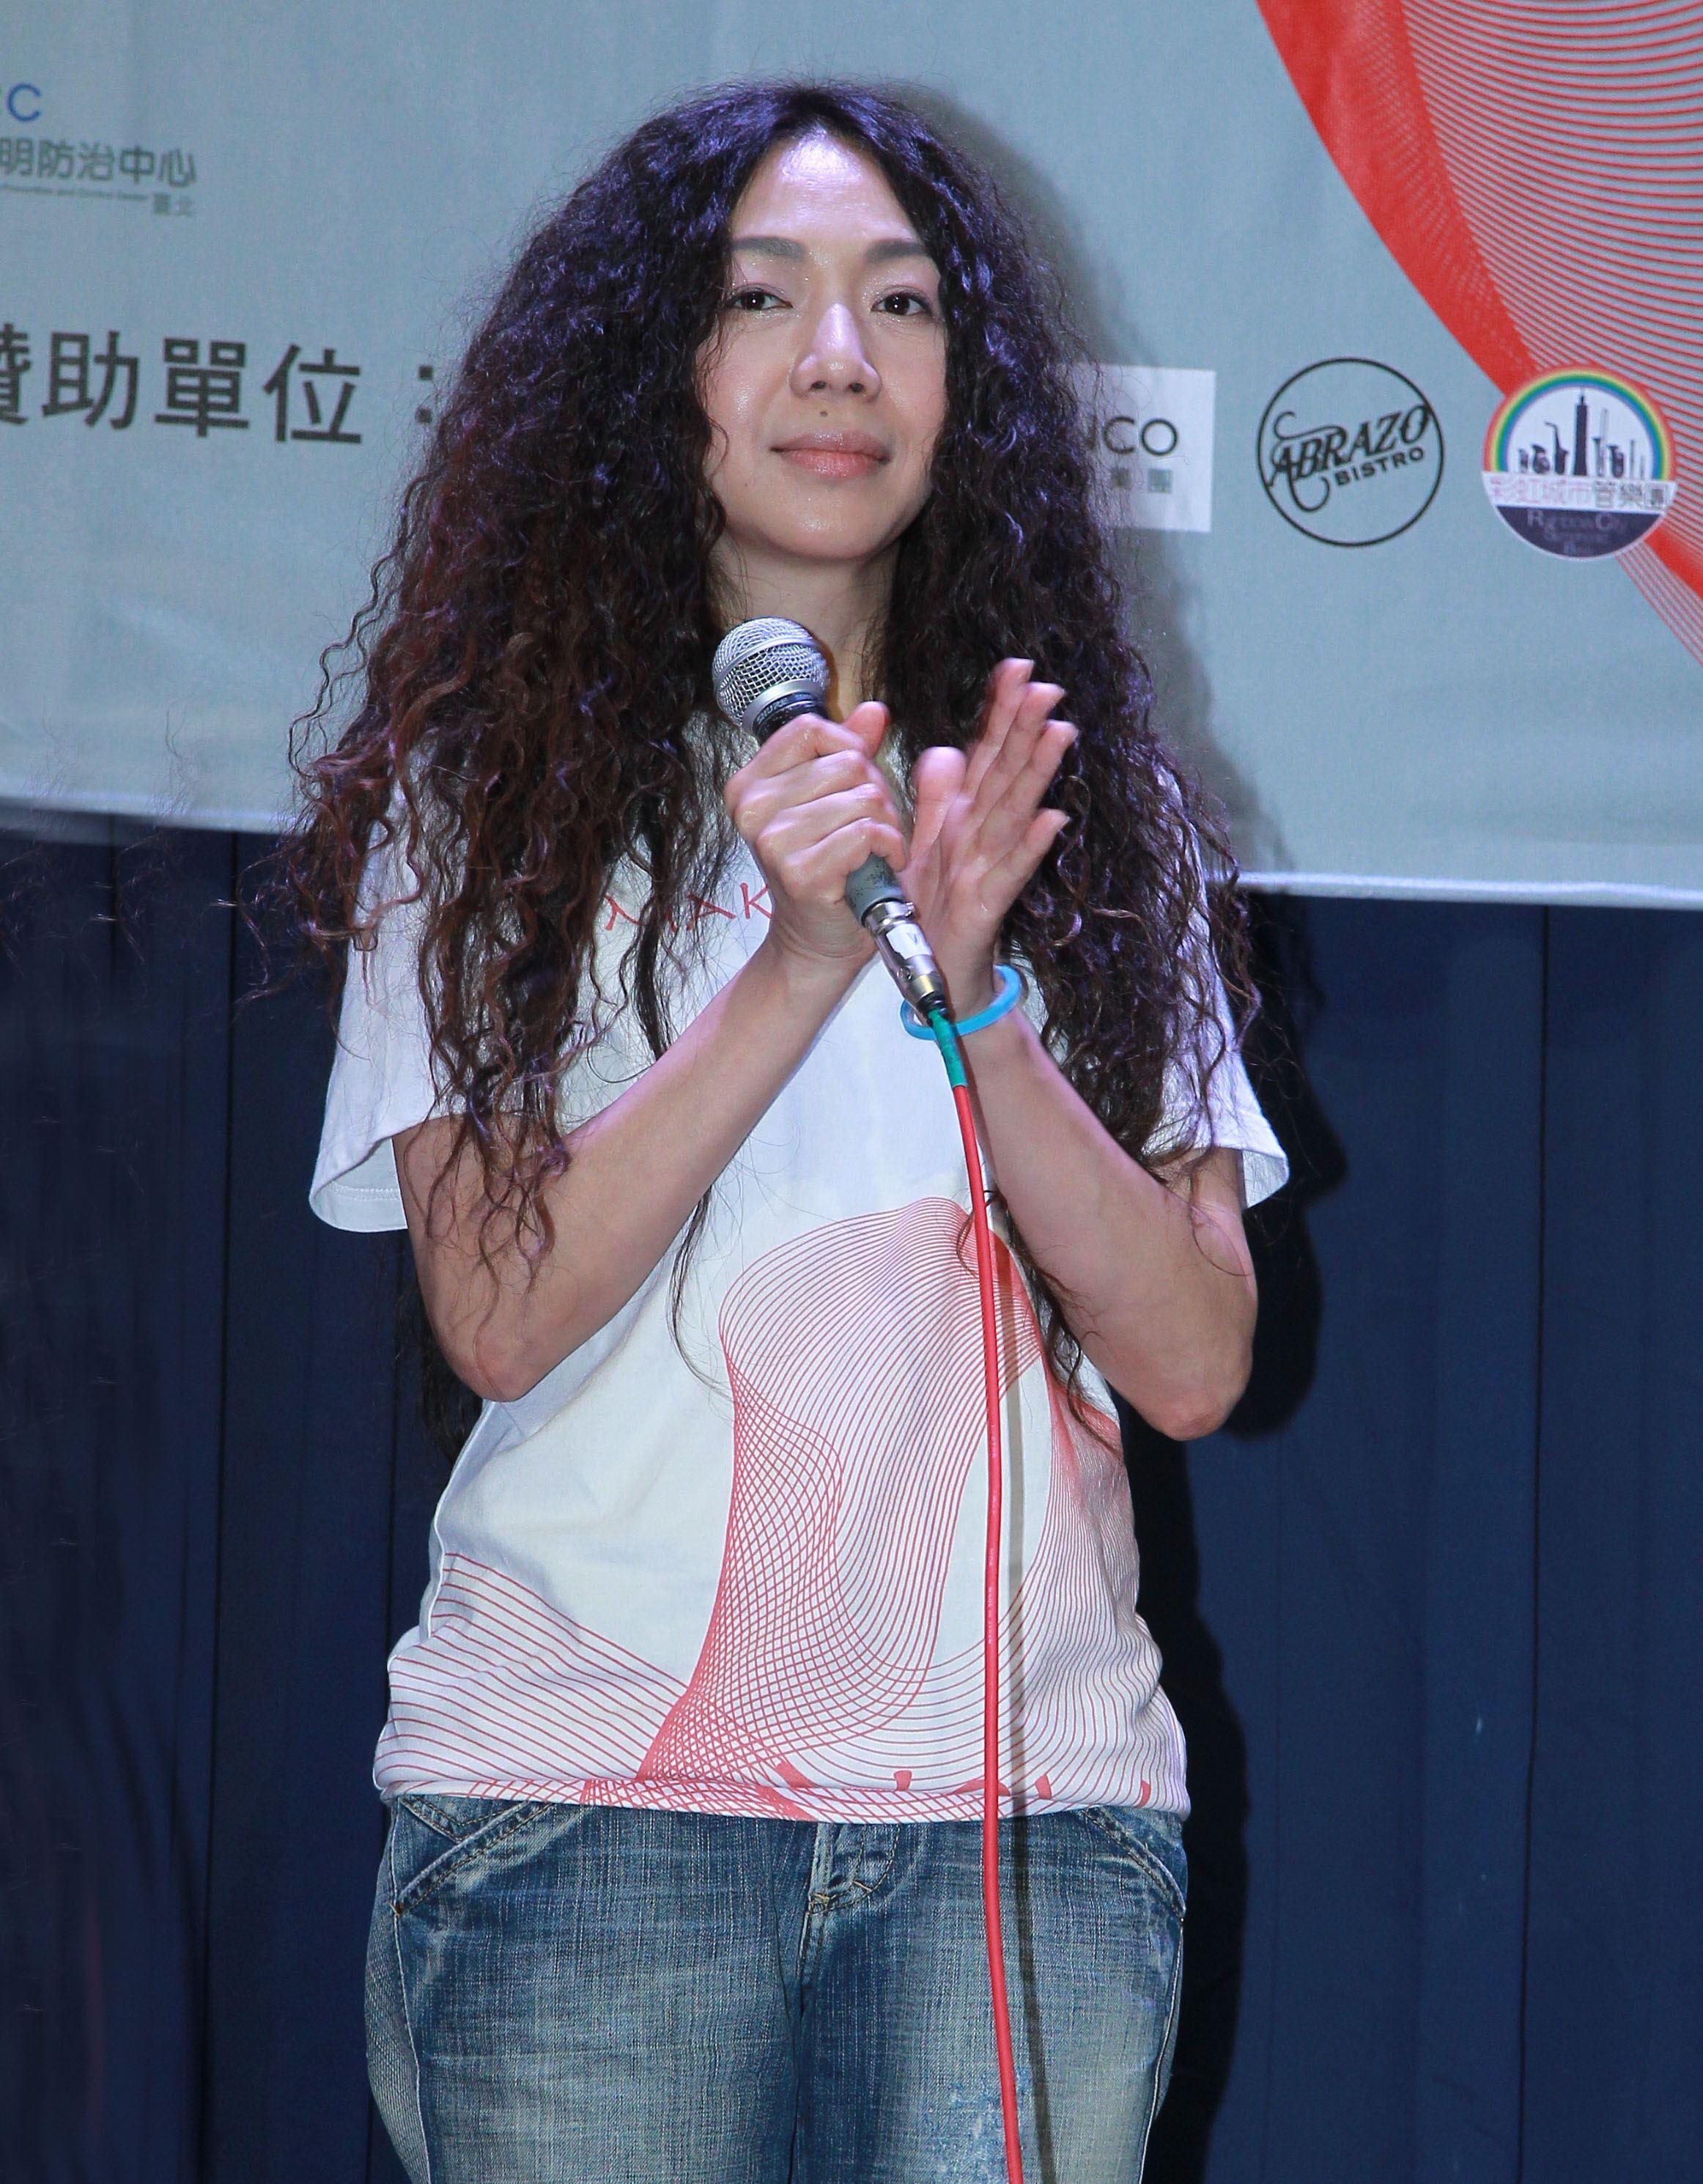 萬芳參加「第二屆愛之日常音樂節」演出。(記者邱榮吉/攝影)